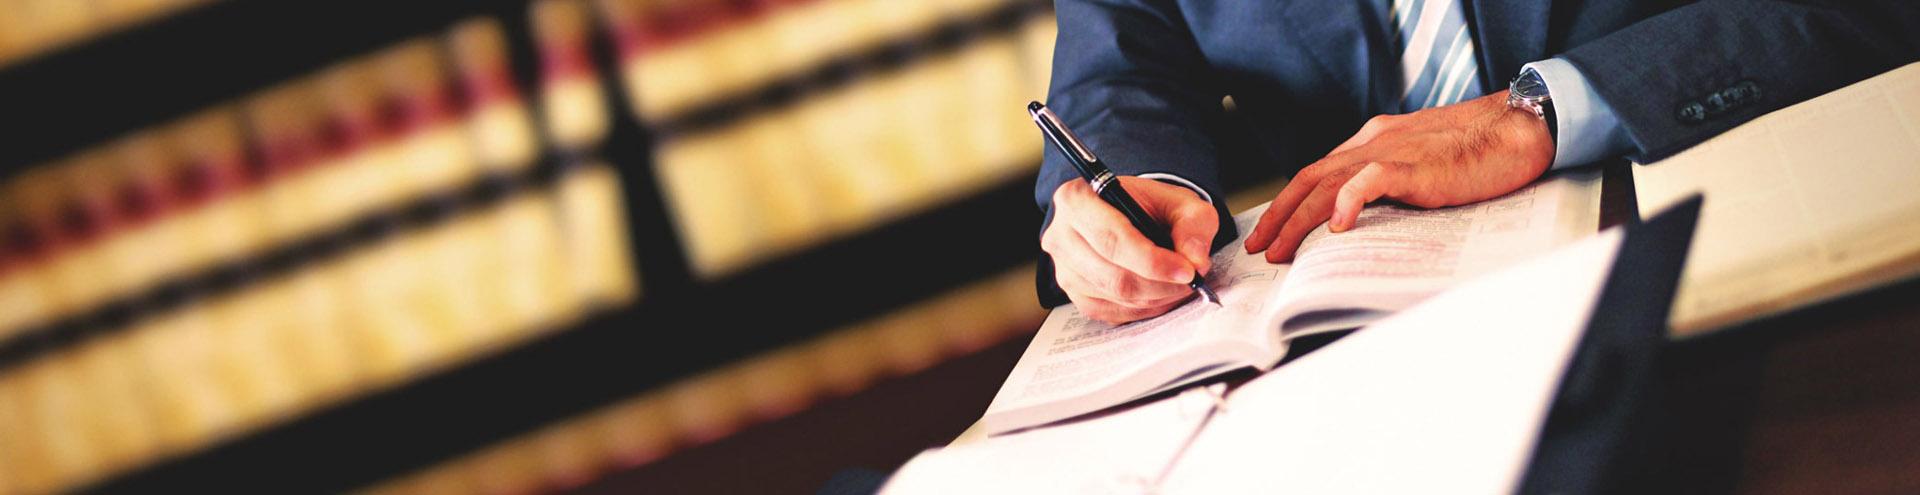 Адвокат по административным делам в Пензе и Пензенской области